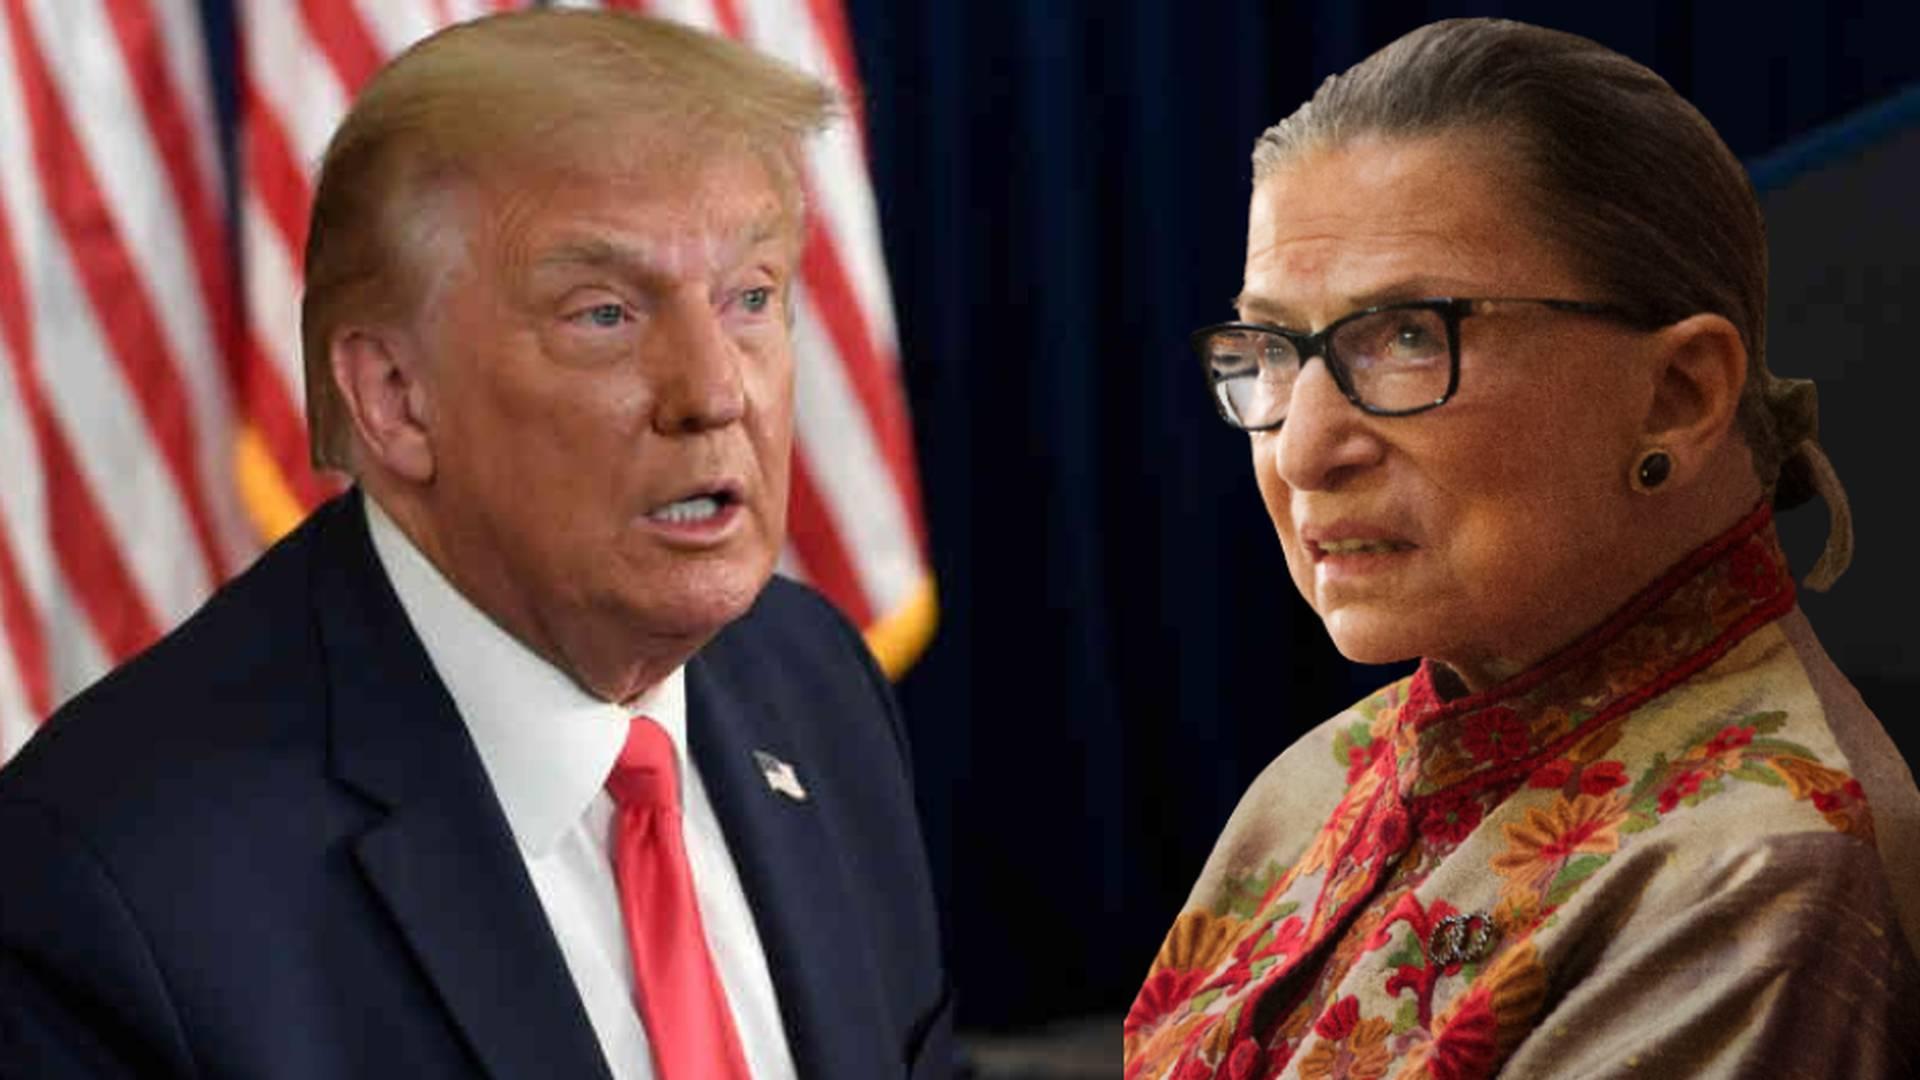 Donald Trump, presidente de los Estados Unidos, y Ruth Bader Ginsburg, jueza de la Corte Suprema